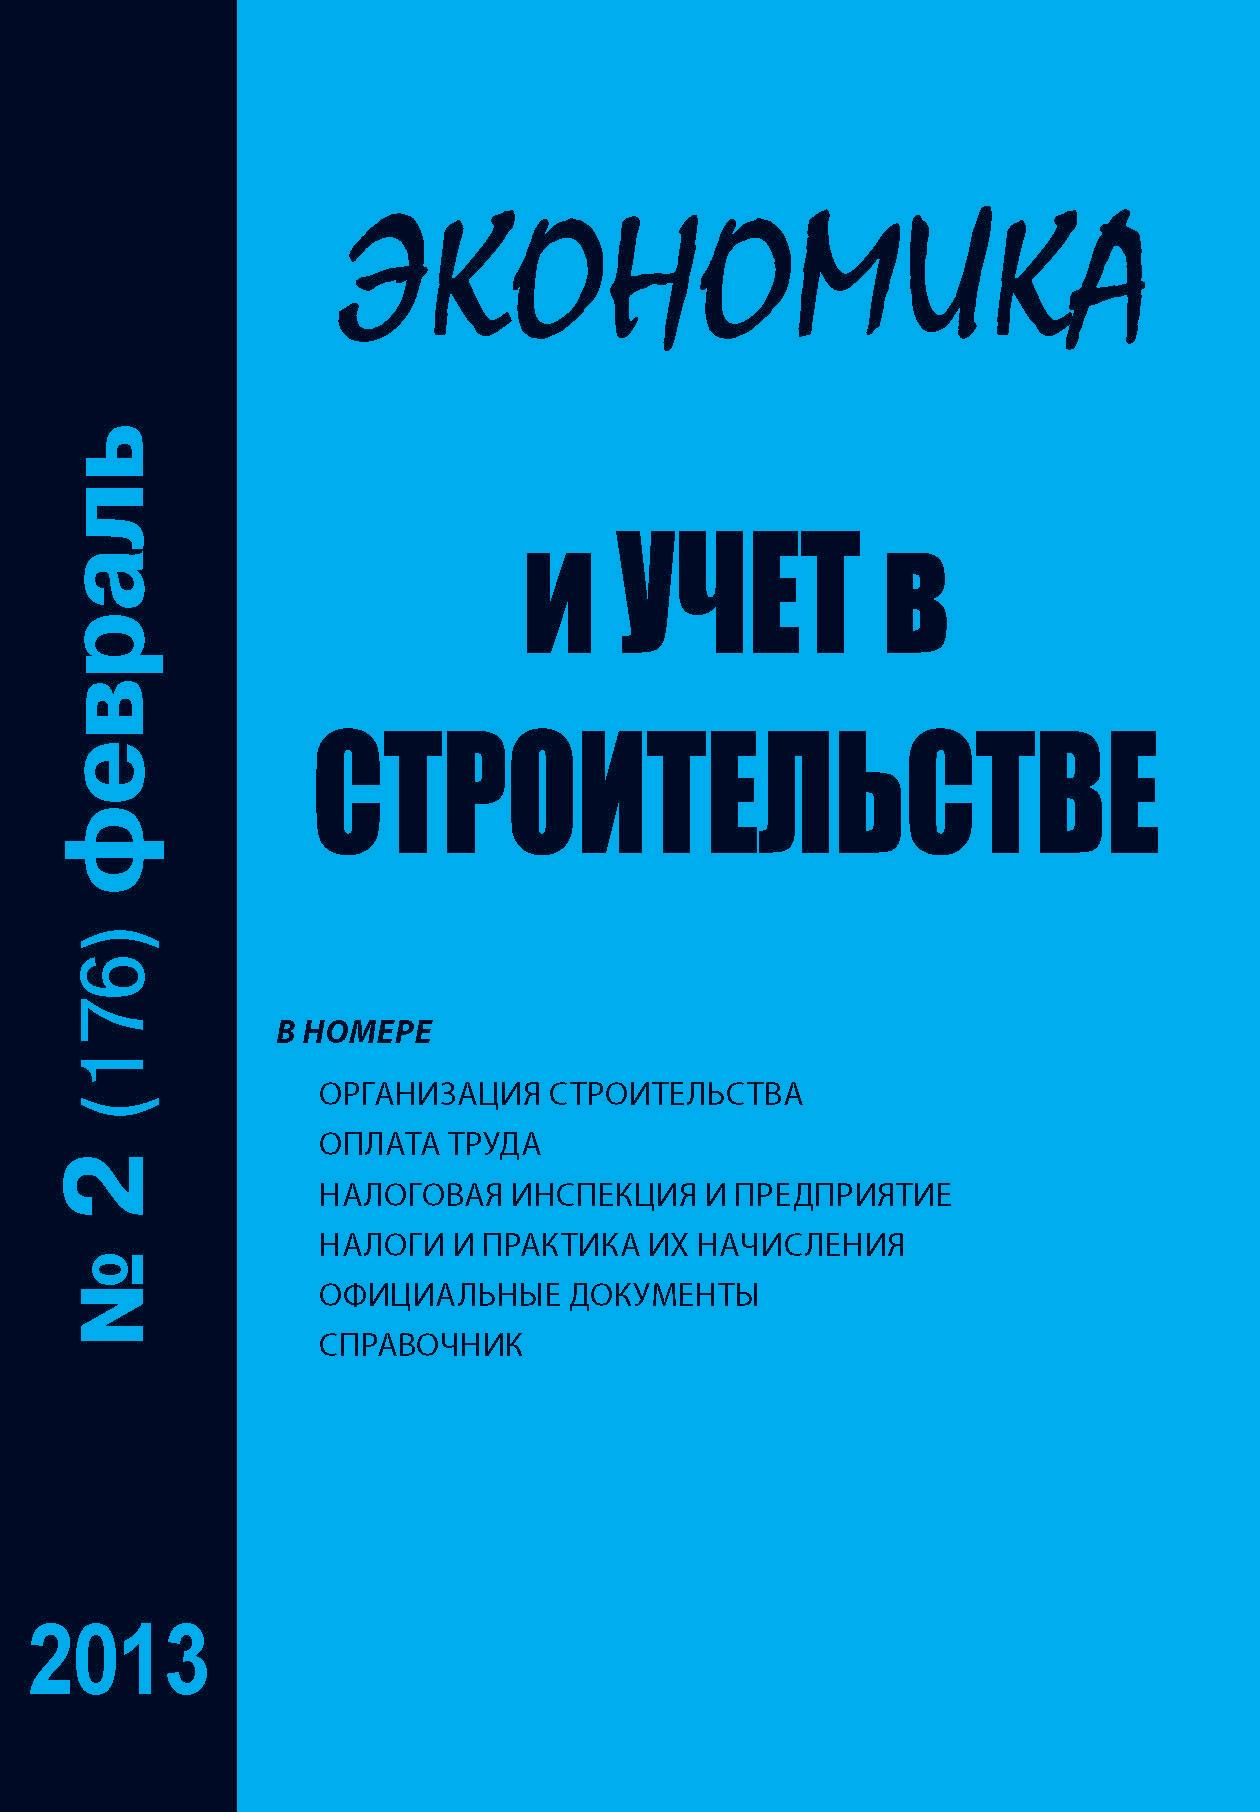 Экономика и учет в строительстве №2 (176) 2013